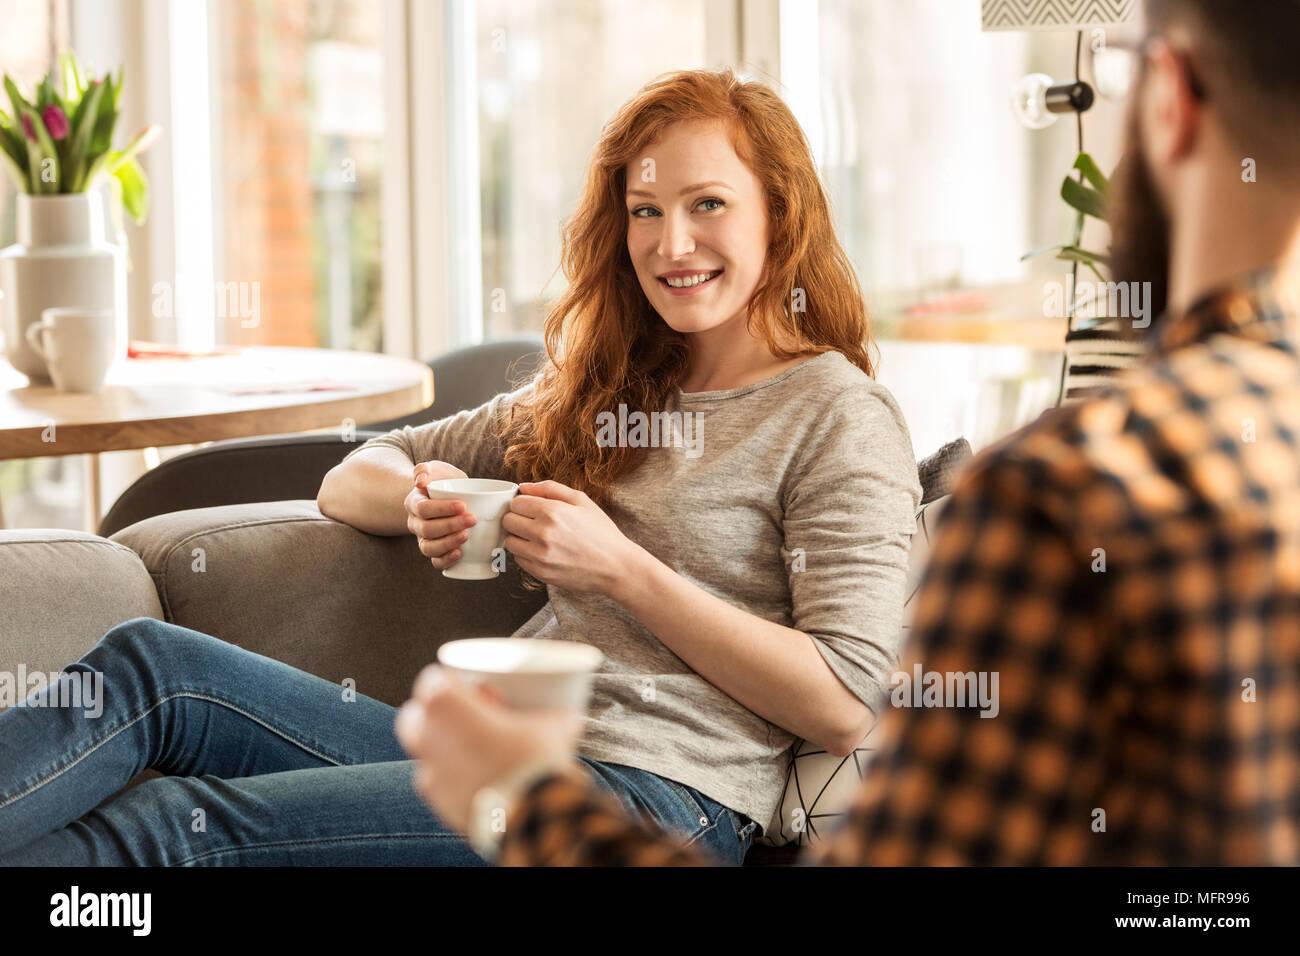 Lächelnde Frau trinkt Tee und liebevoll auf ihr Mann Stockbild